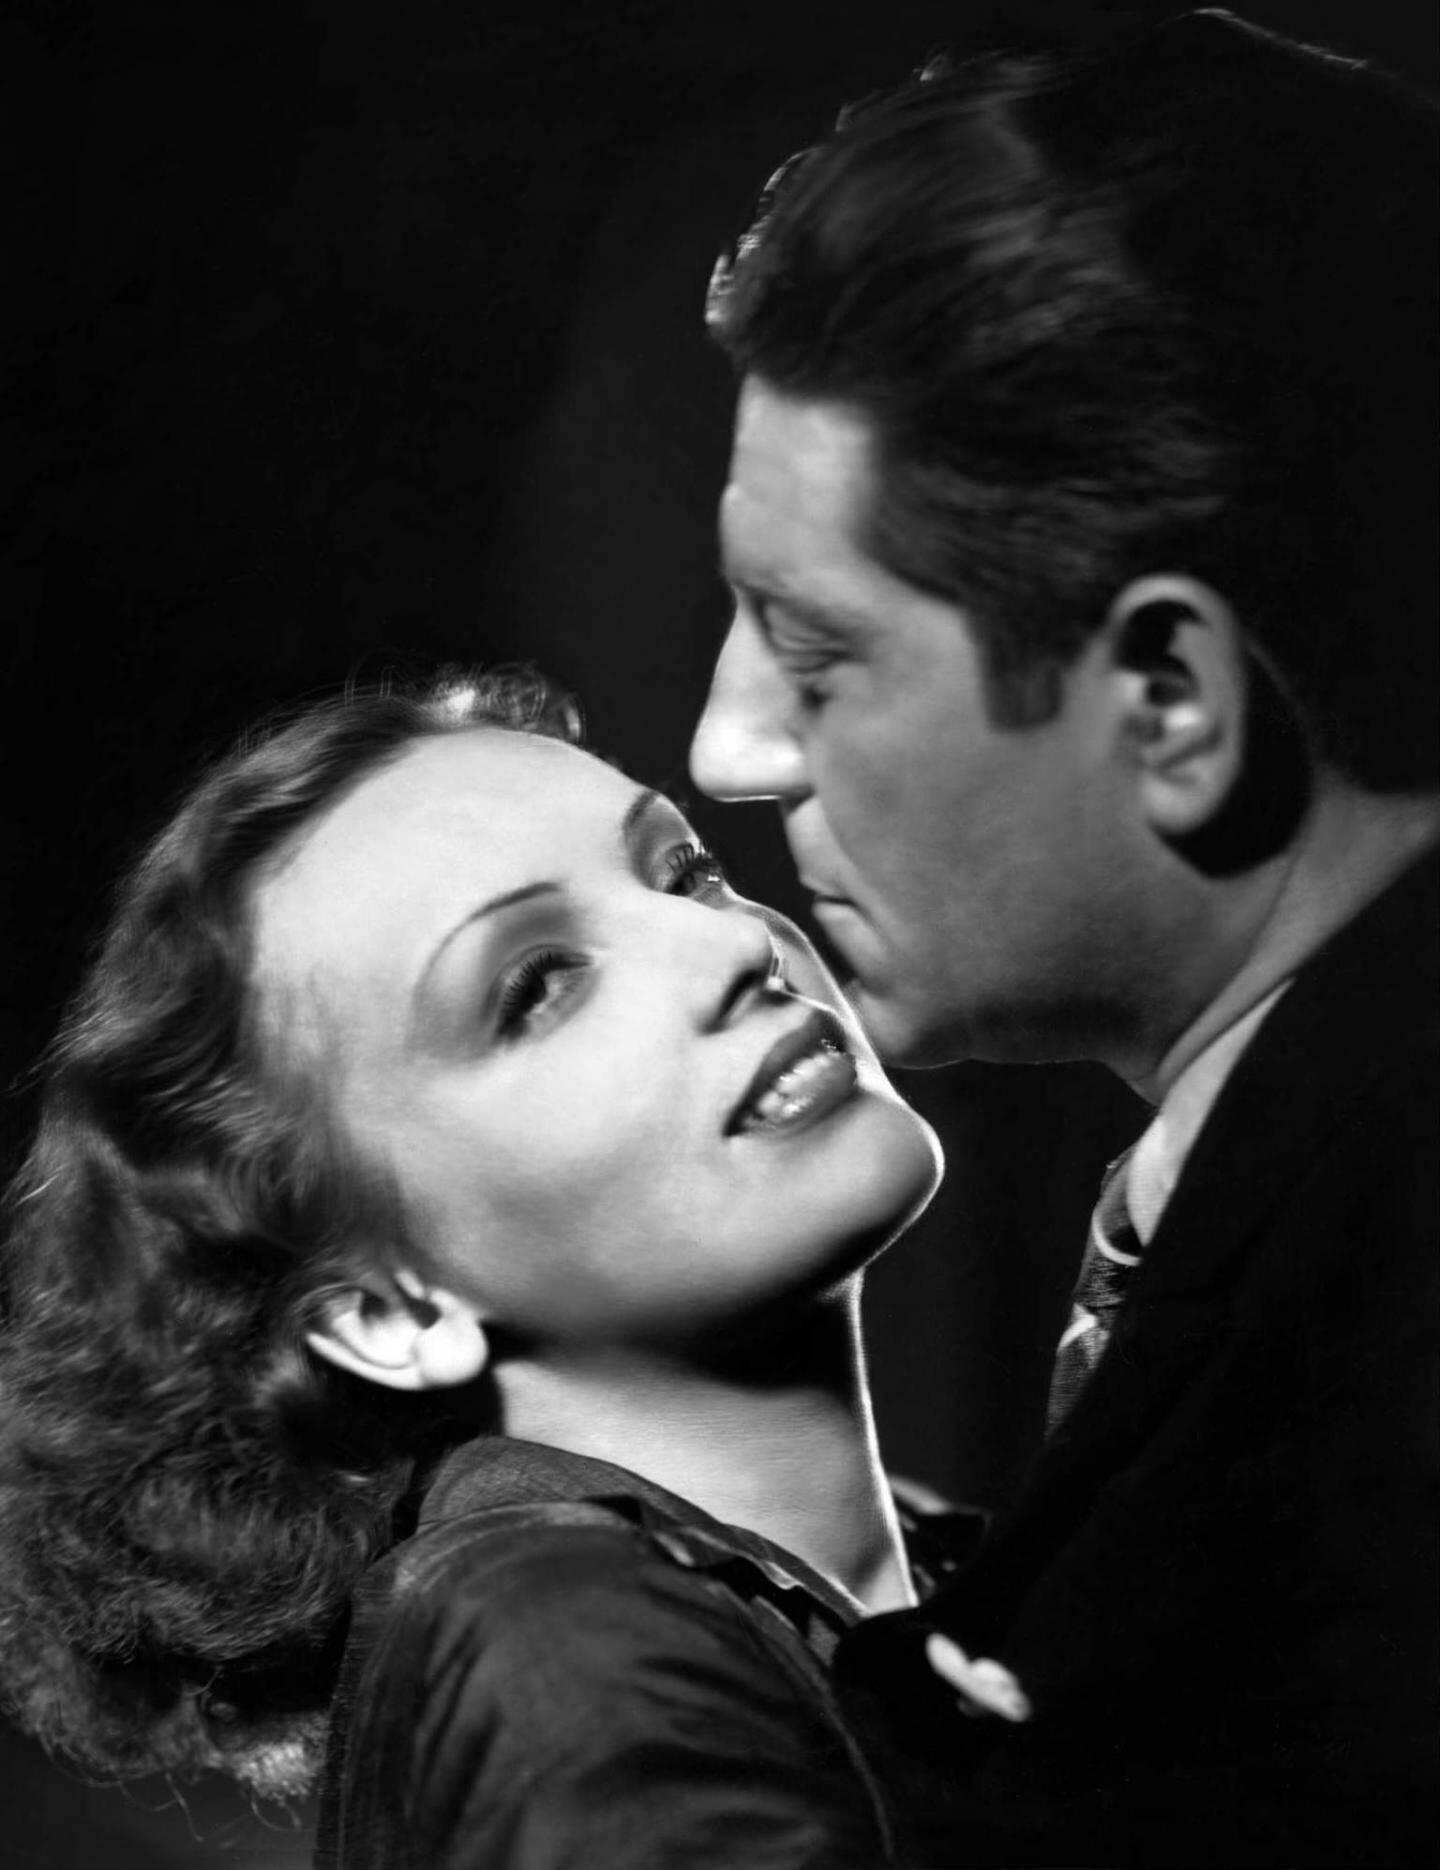 Mireille Balin, ici avec Jean Gabin, dans Gueule d'Amour. Elle était l'incarnation de la beauté de l'époque. Elle a surtout joué les femmes fatales, ce qui a peut-être contribué à ternir son image.